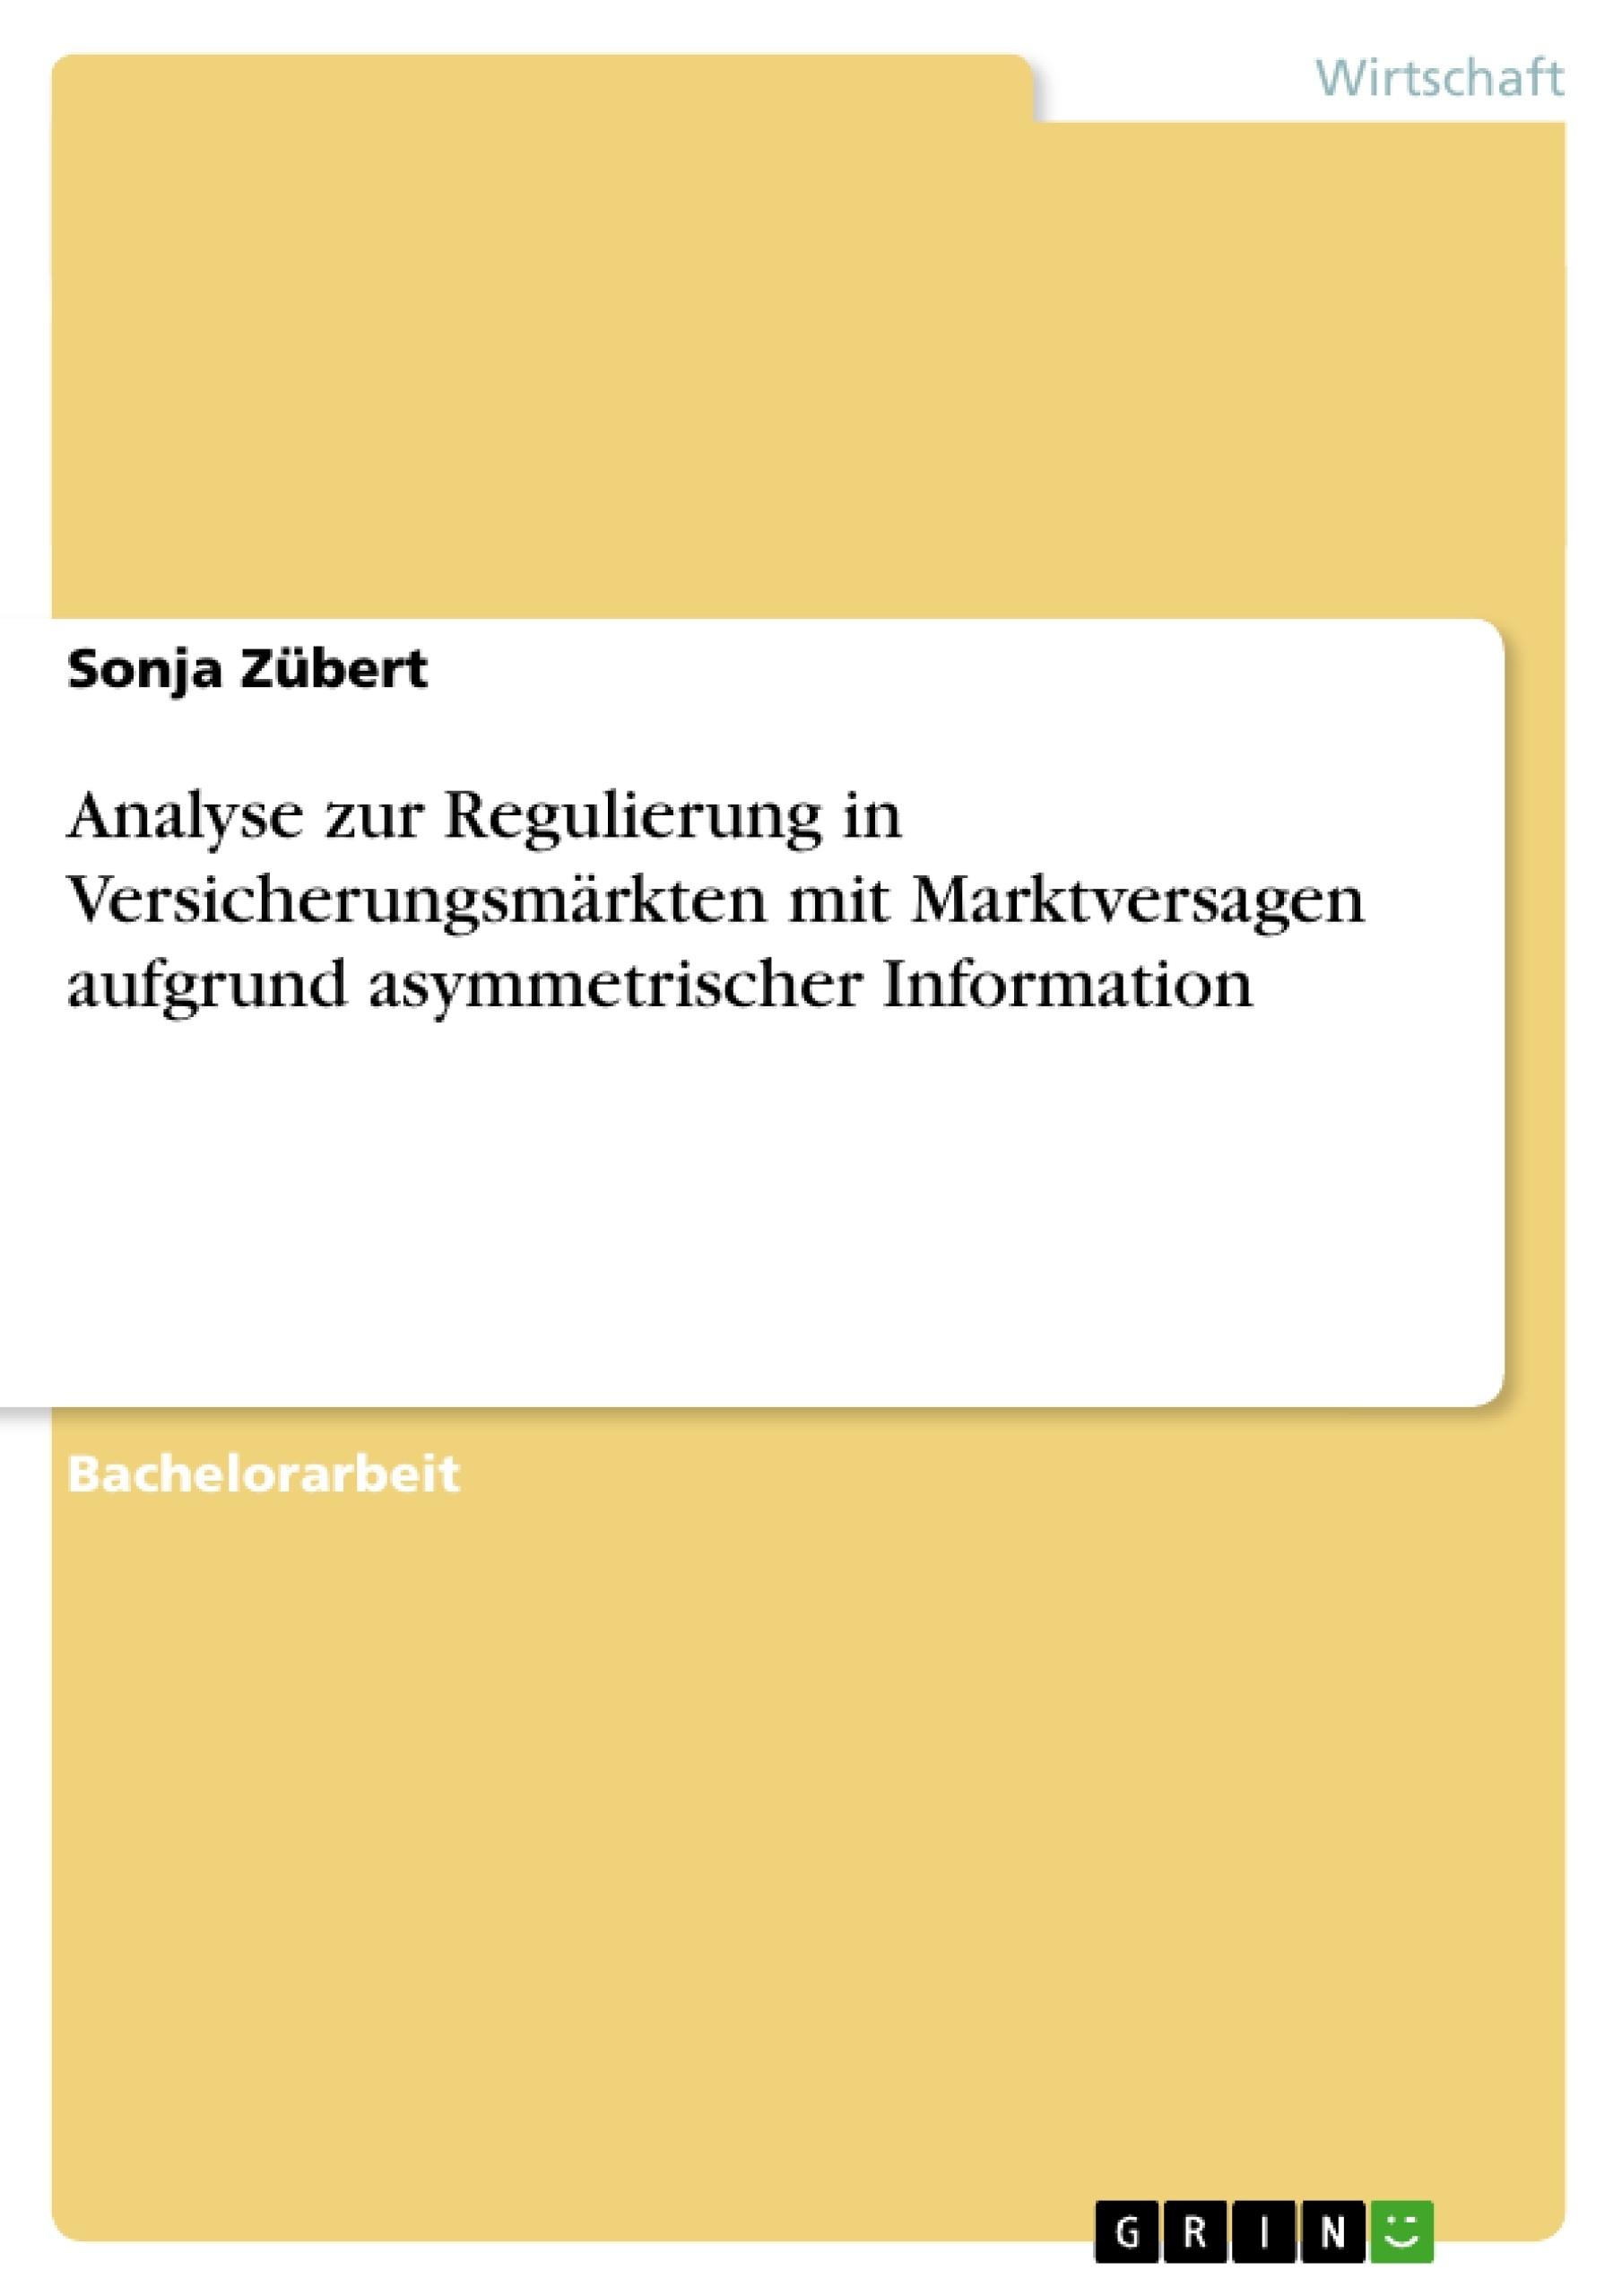 Titel: Analyse zur Regulierung in Versicherungsmärkten mit Marktversagen aufgrund asymmetrischer Information